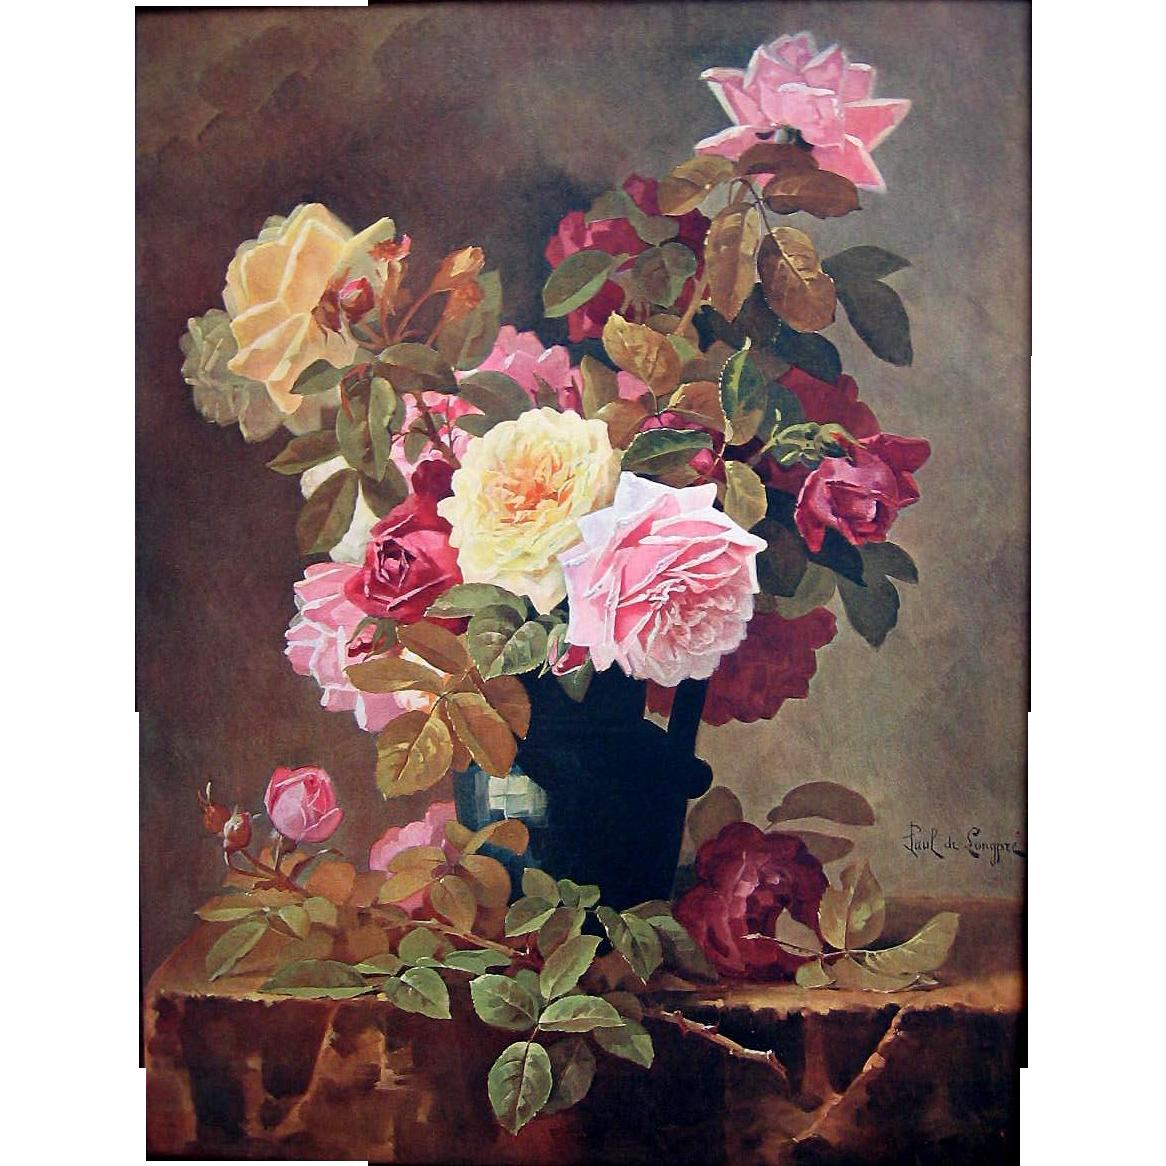 Antique Roses Print Paul de Longpre Vintage c1909